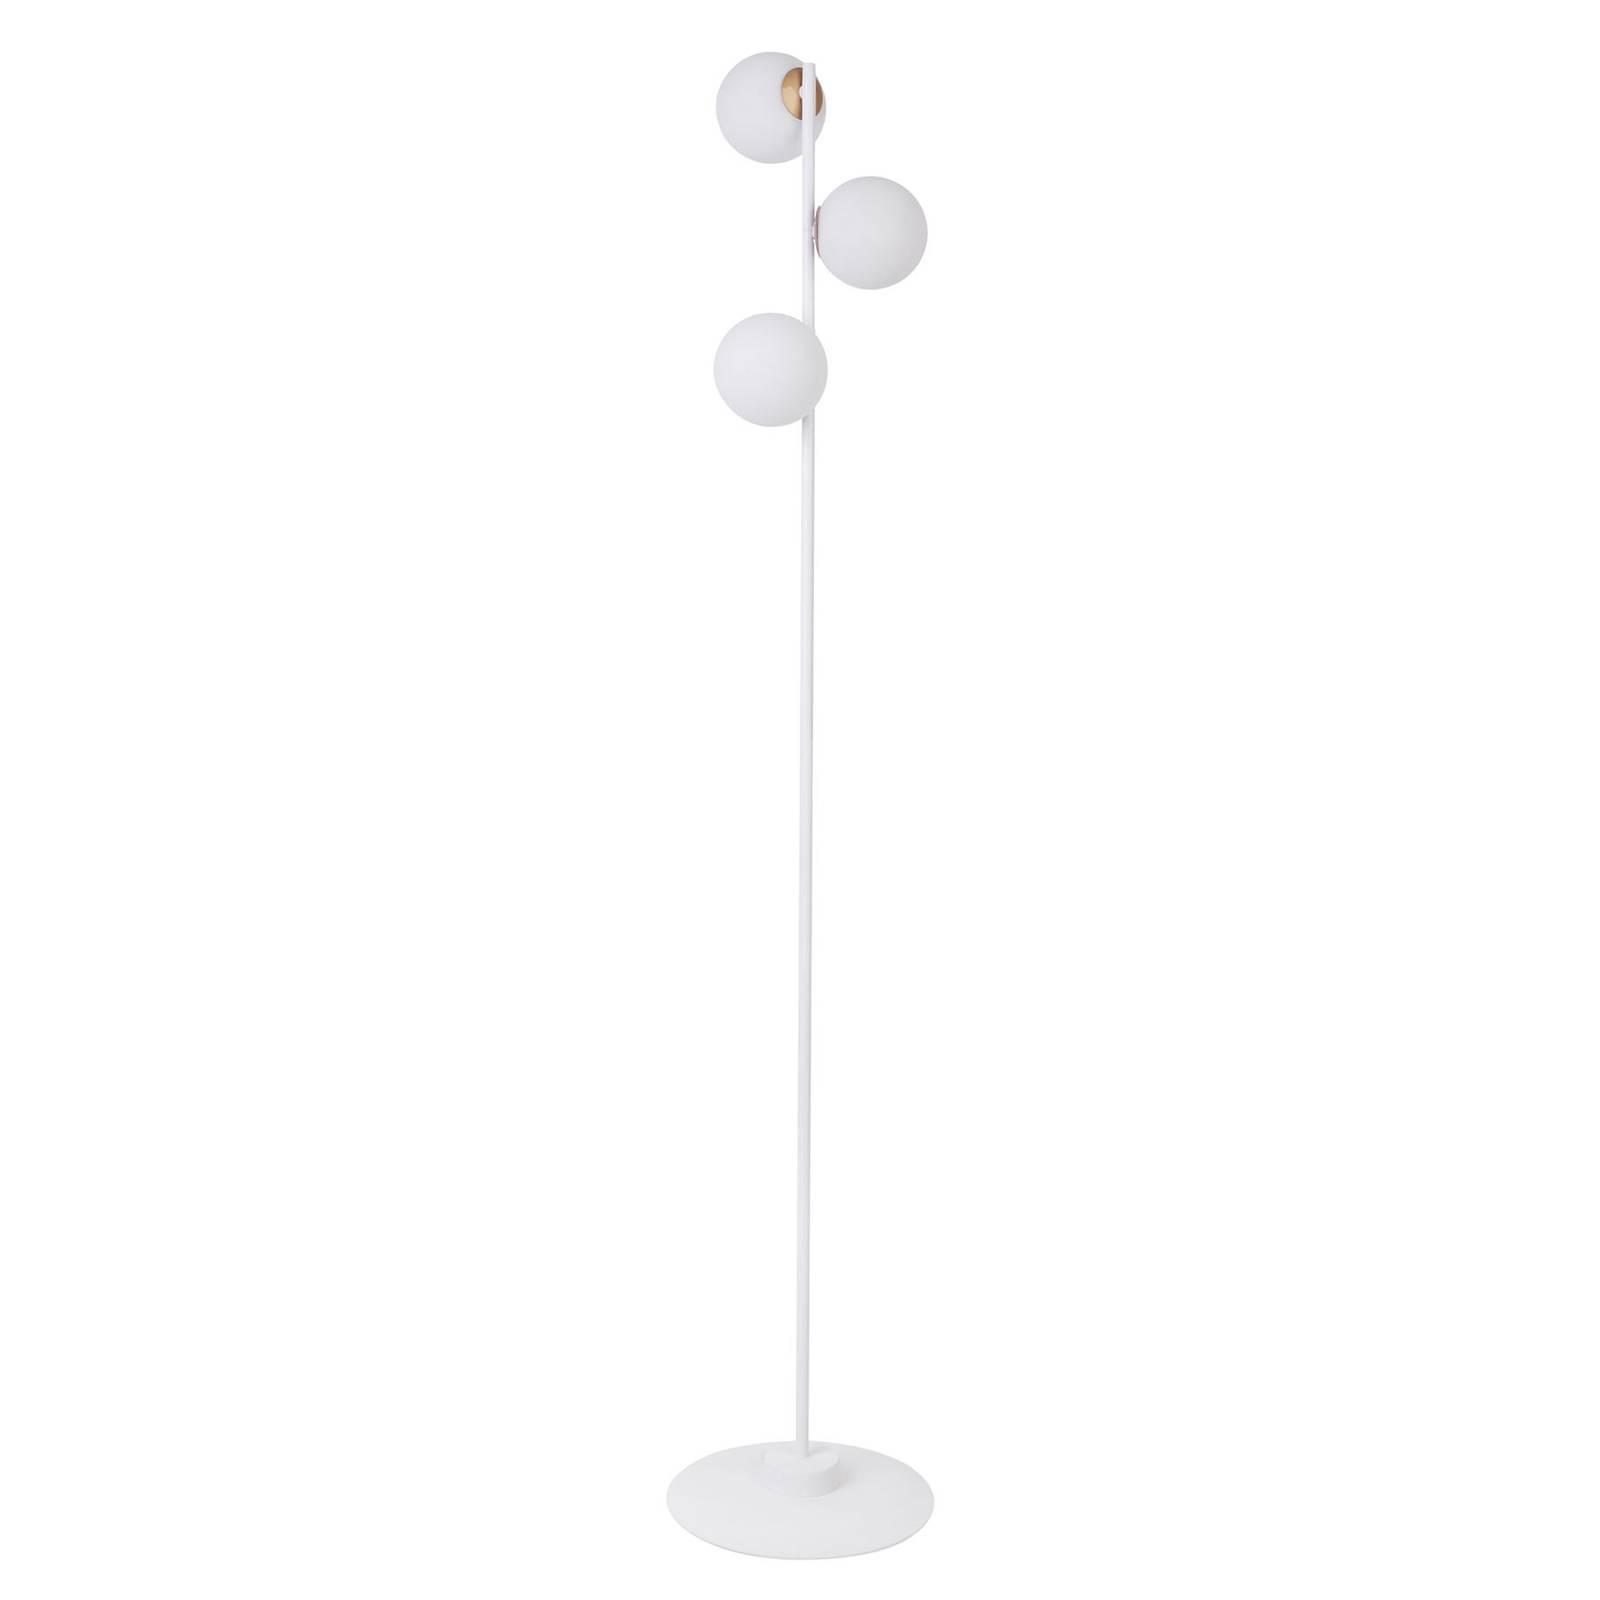 Stehleuchte Gama 3 in Weiß mit drei Glaskugeln